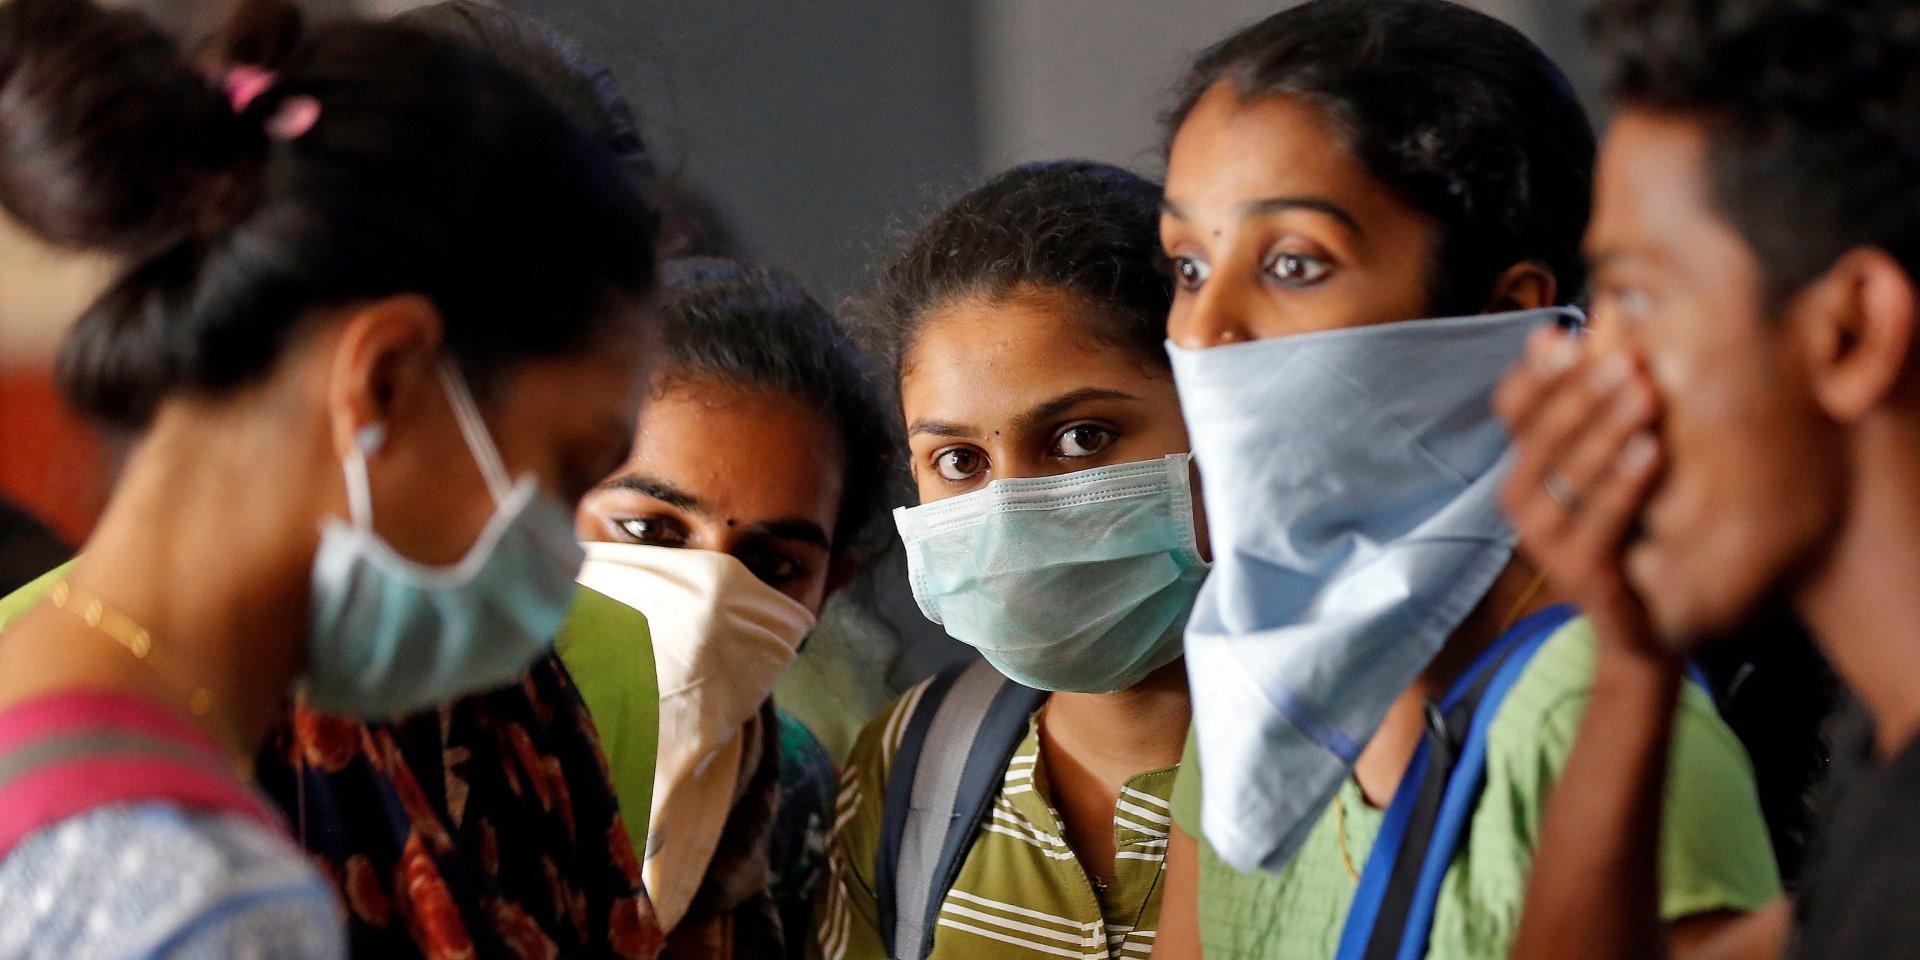 В Индии растет количество больных, жалующихся на психические расстройства из-за COVID-19